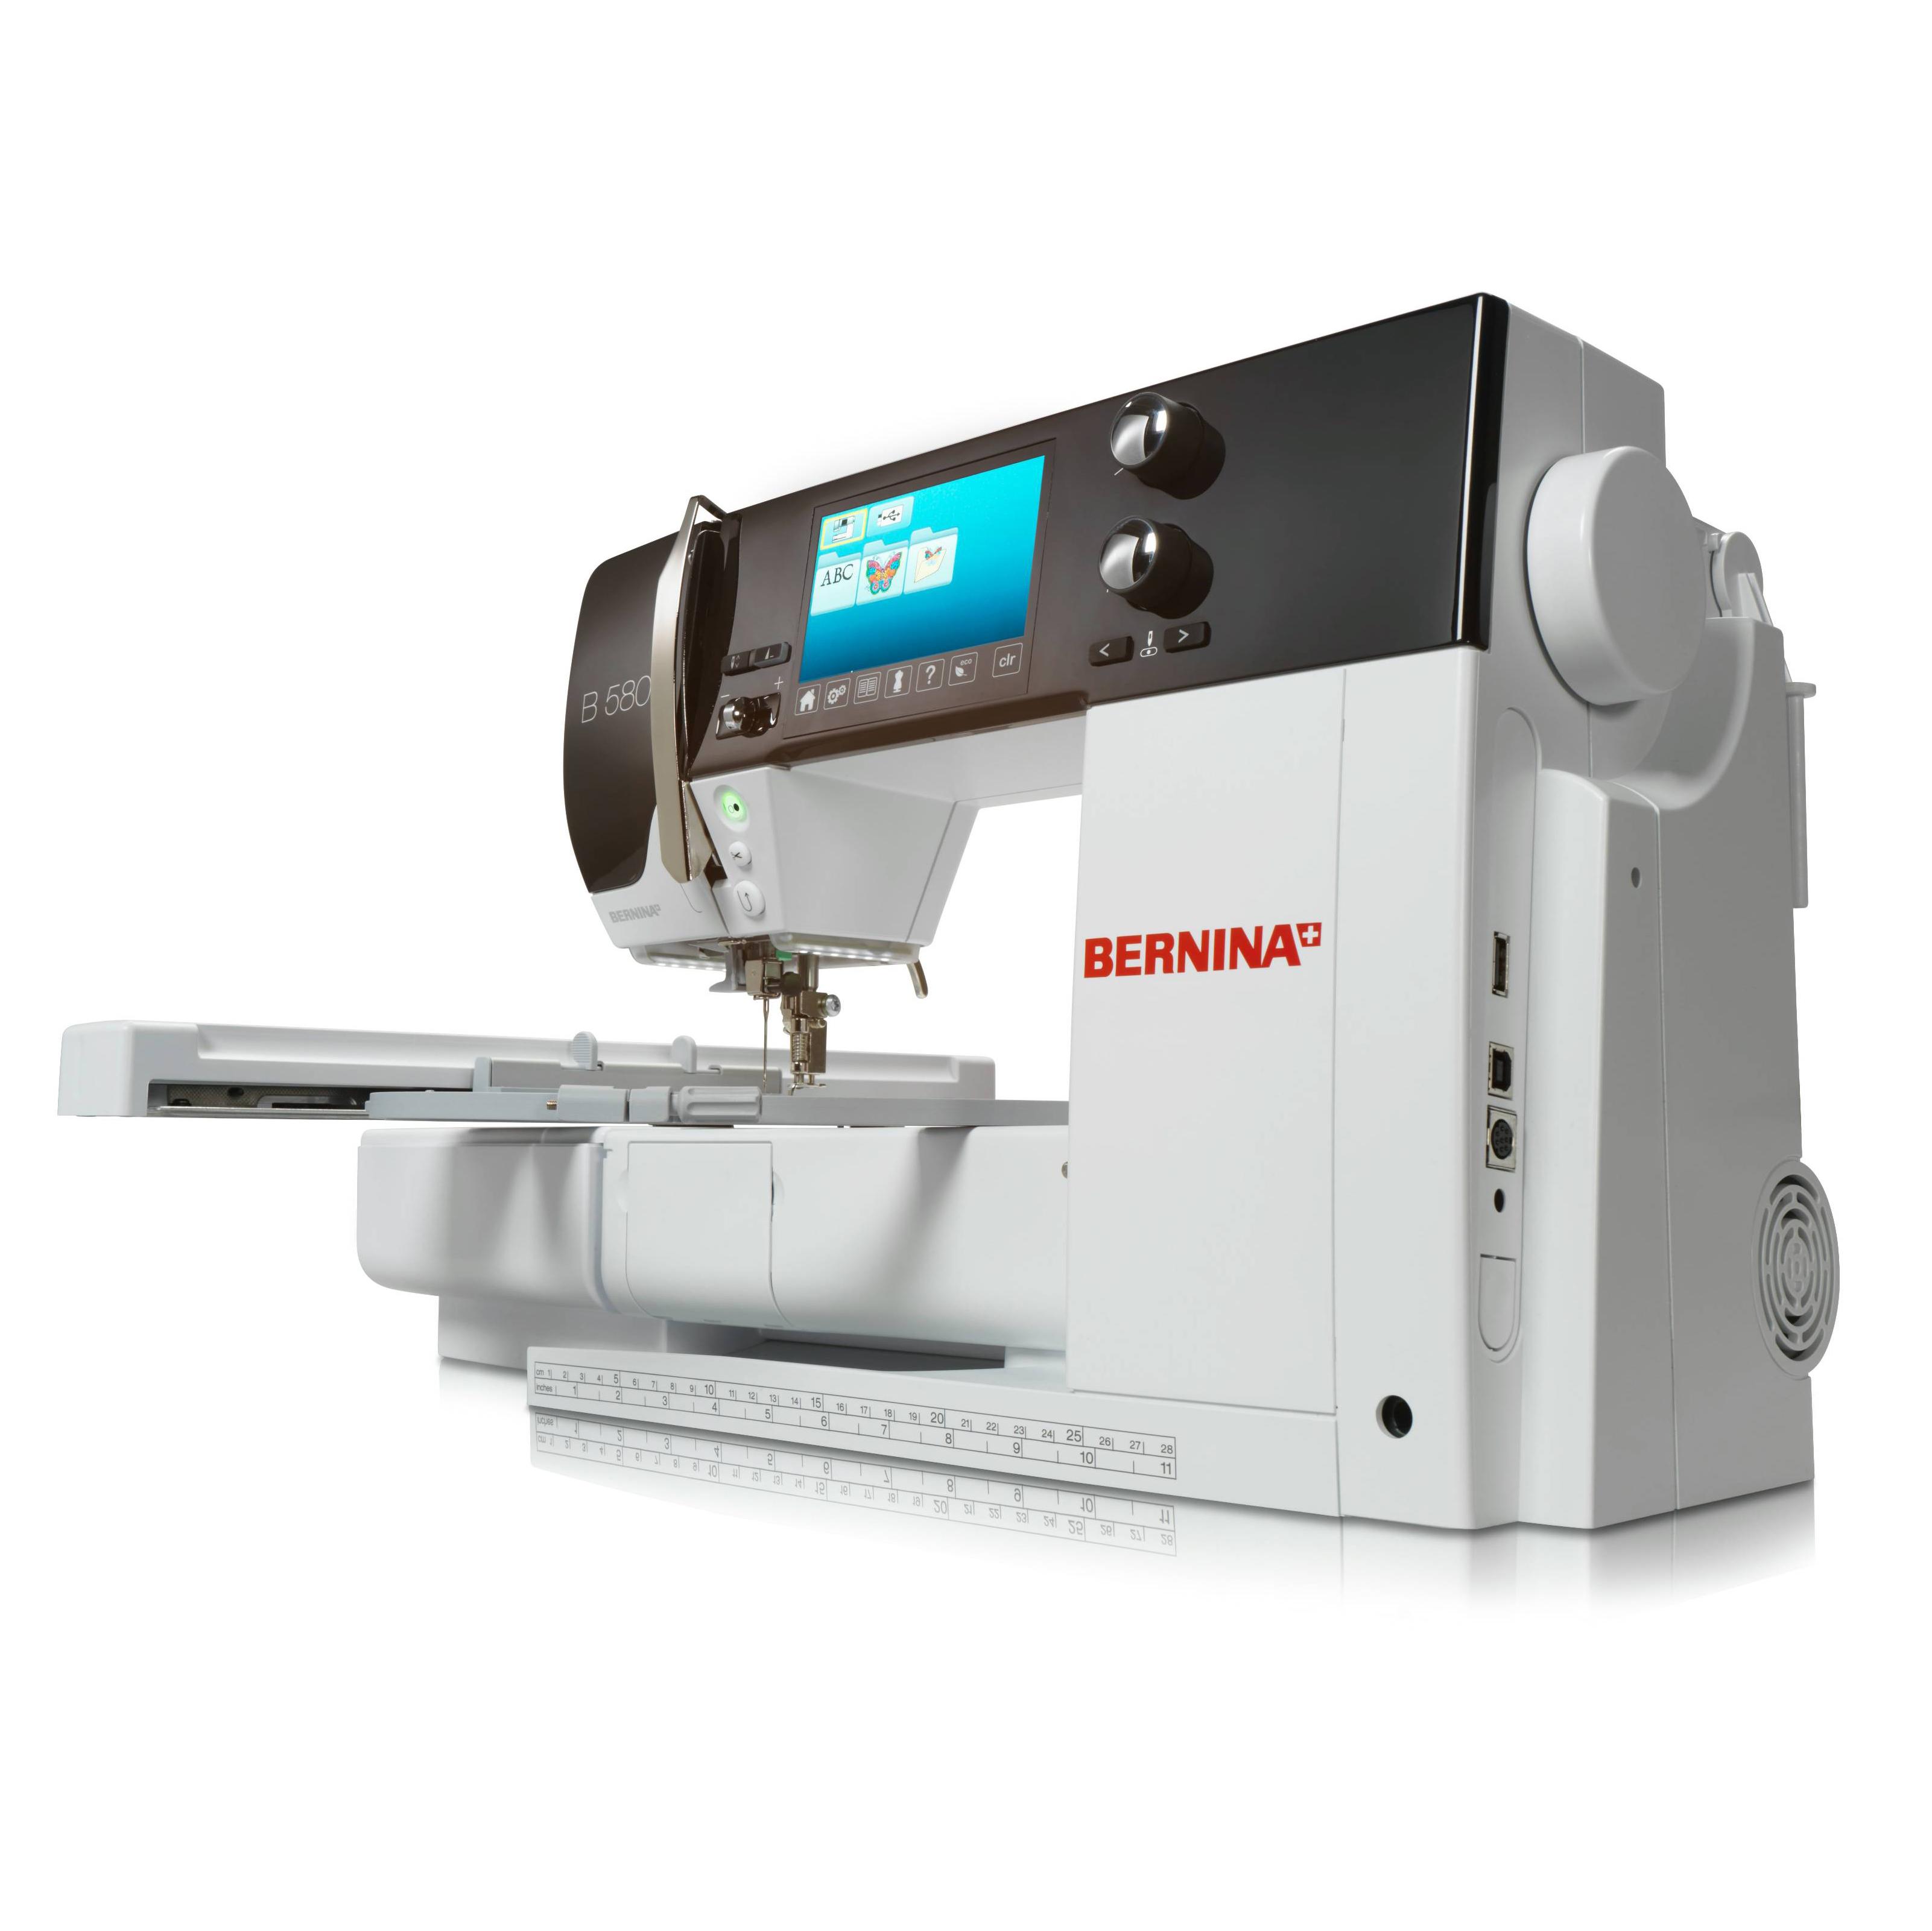 bernina-580